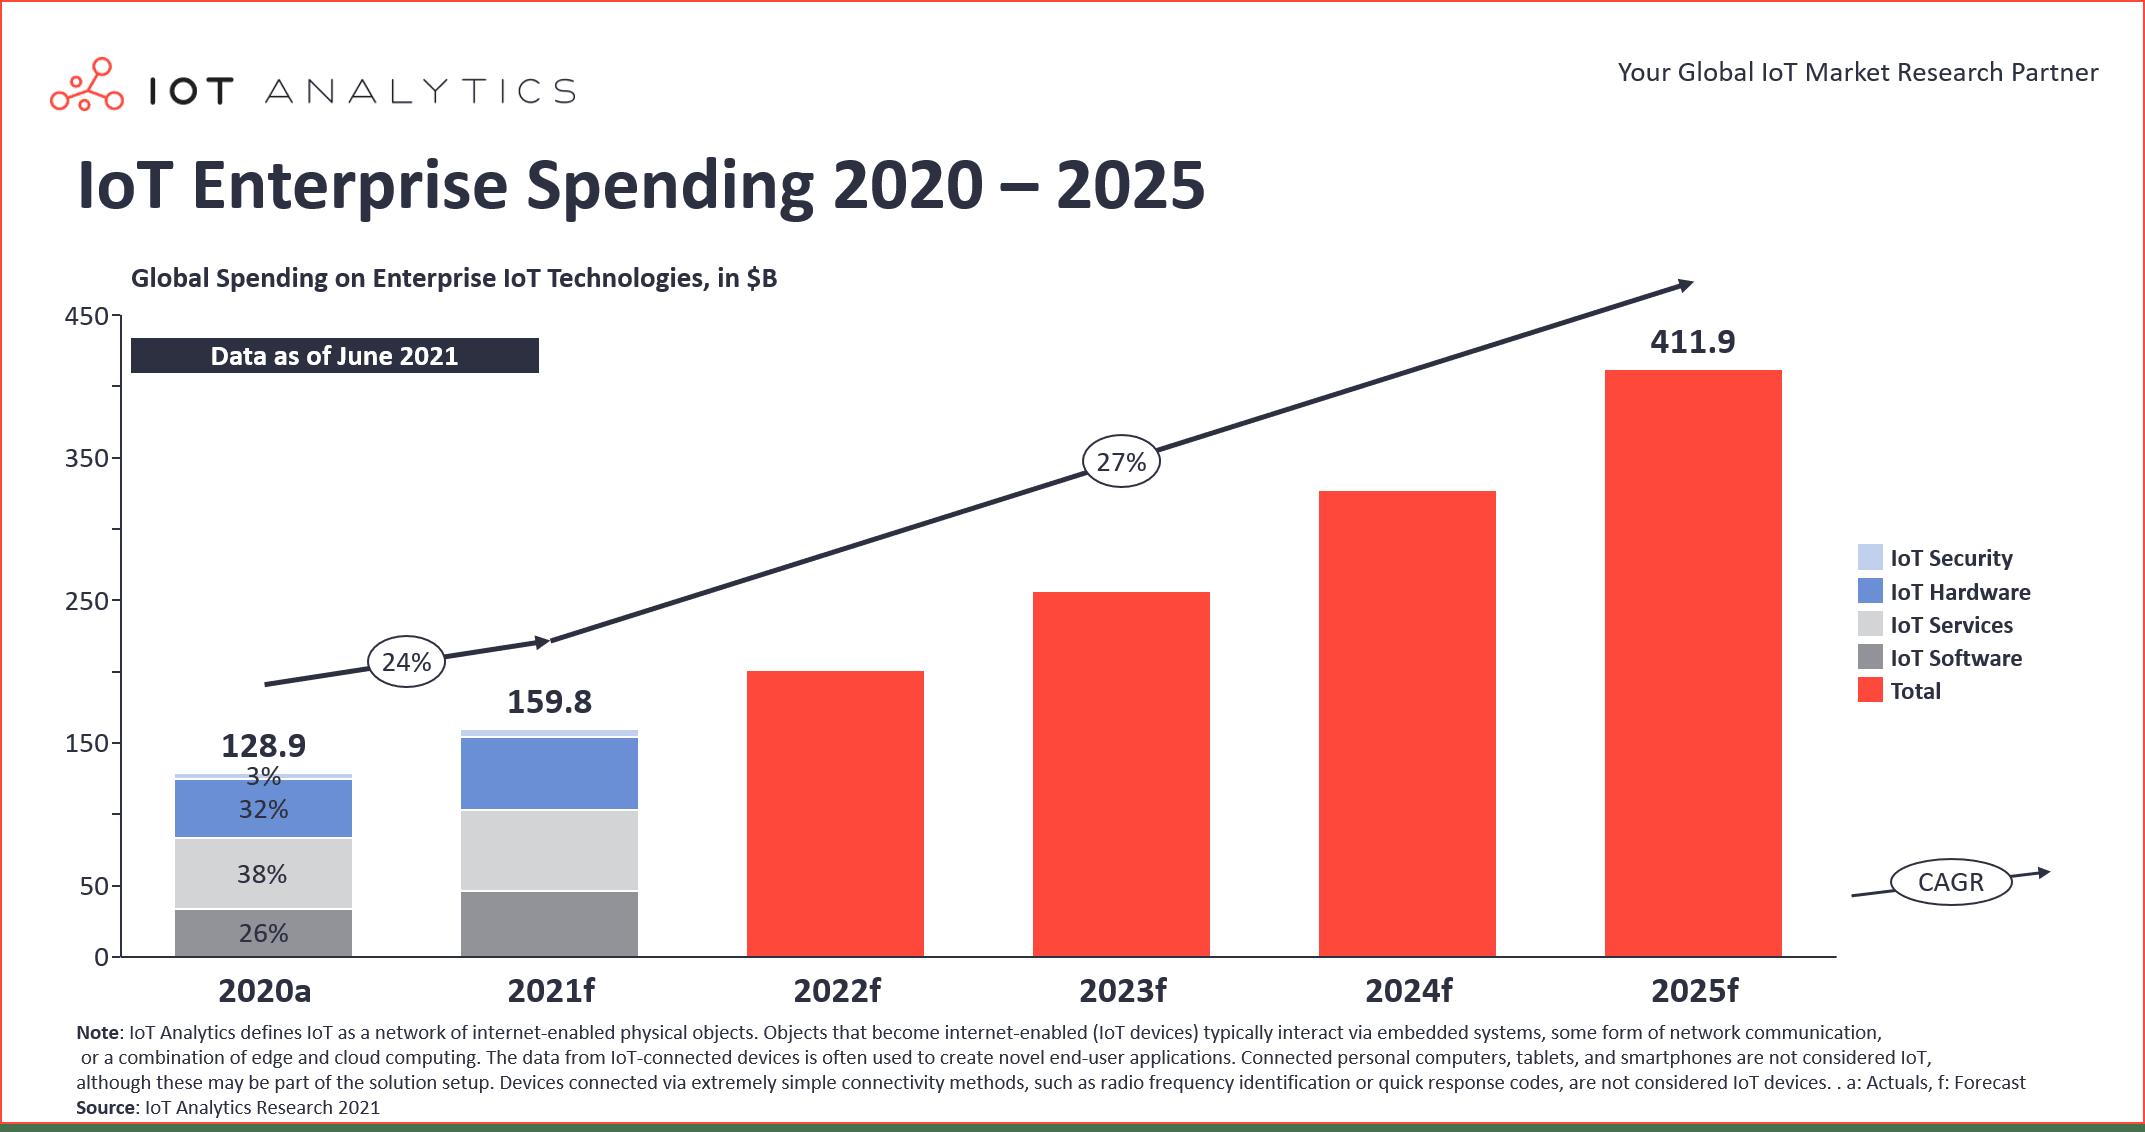 2021 IoT Spending - IoT Enterprise Spending 2020-2025